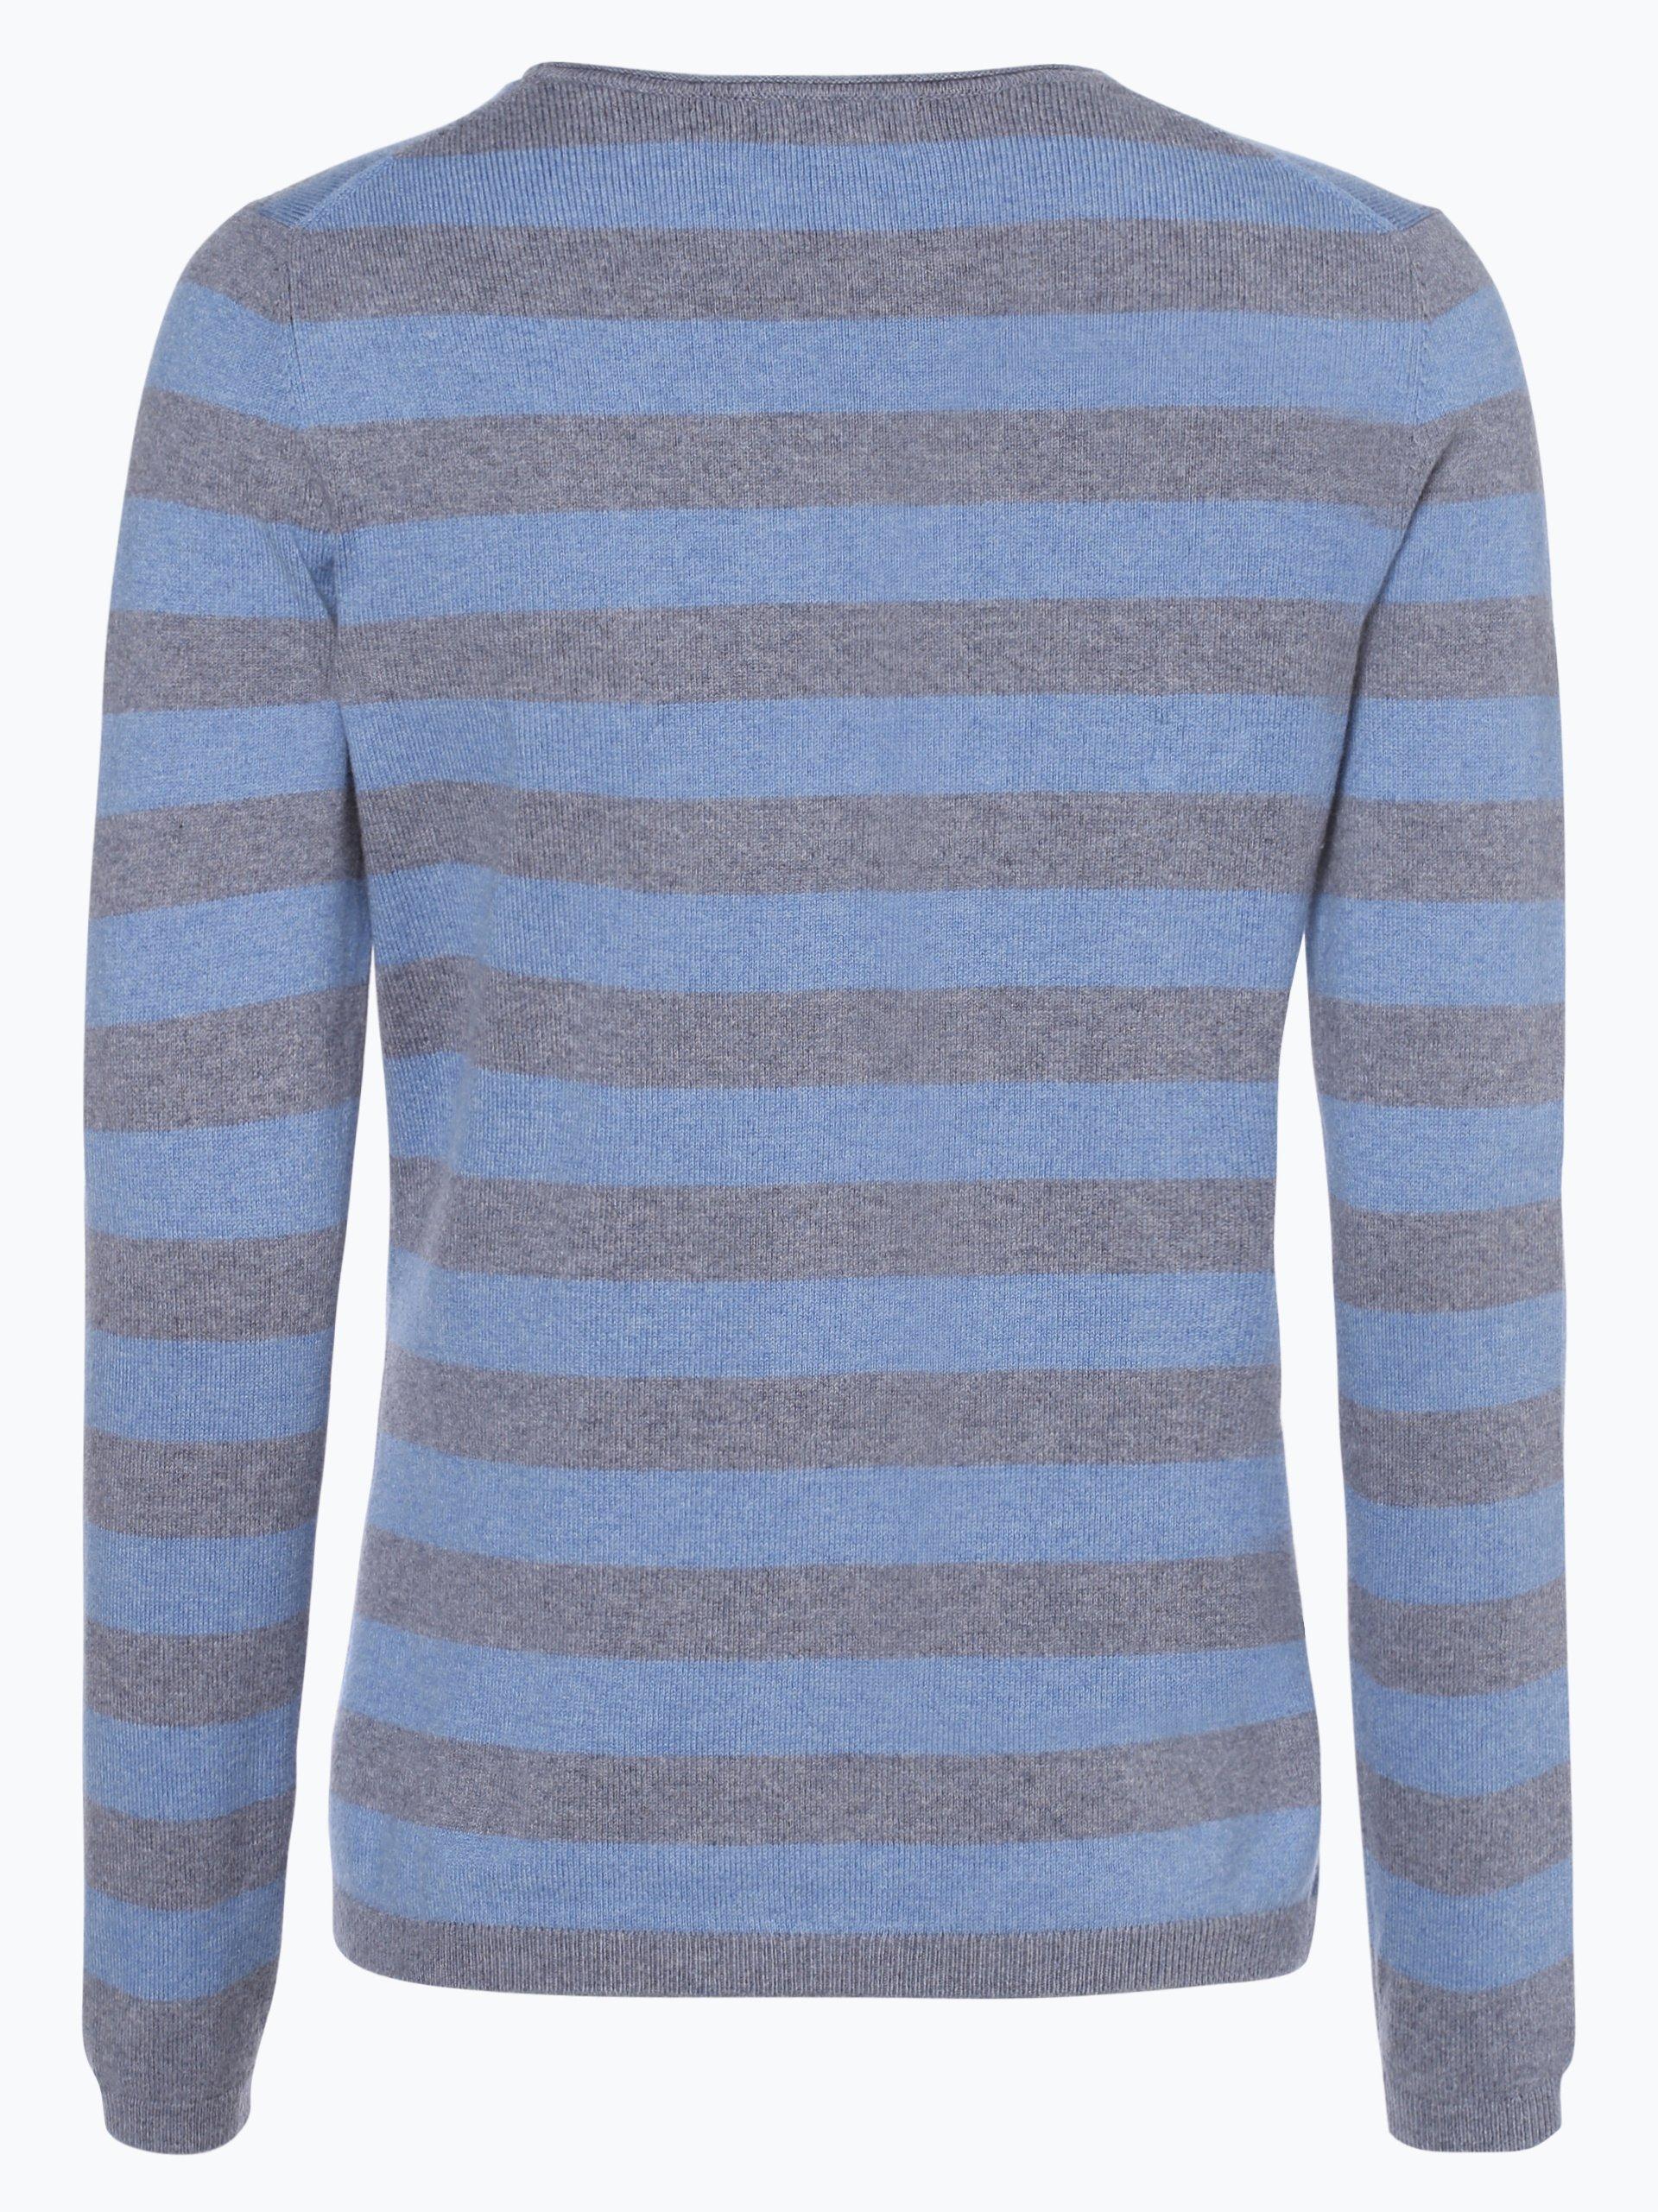 franco callegari damen pullover mit cashmere anteil grau hellblau gestreift online kaufen peek. Black Bedroom Furniture Sets. Home Design Ideas